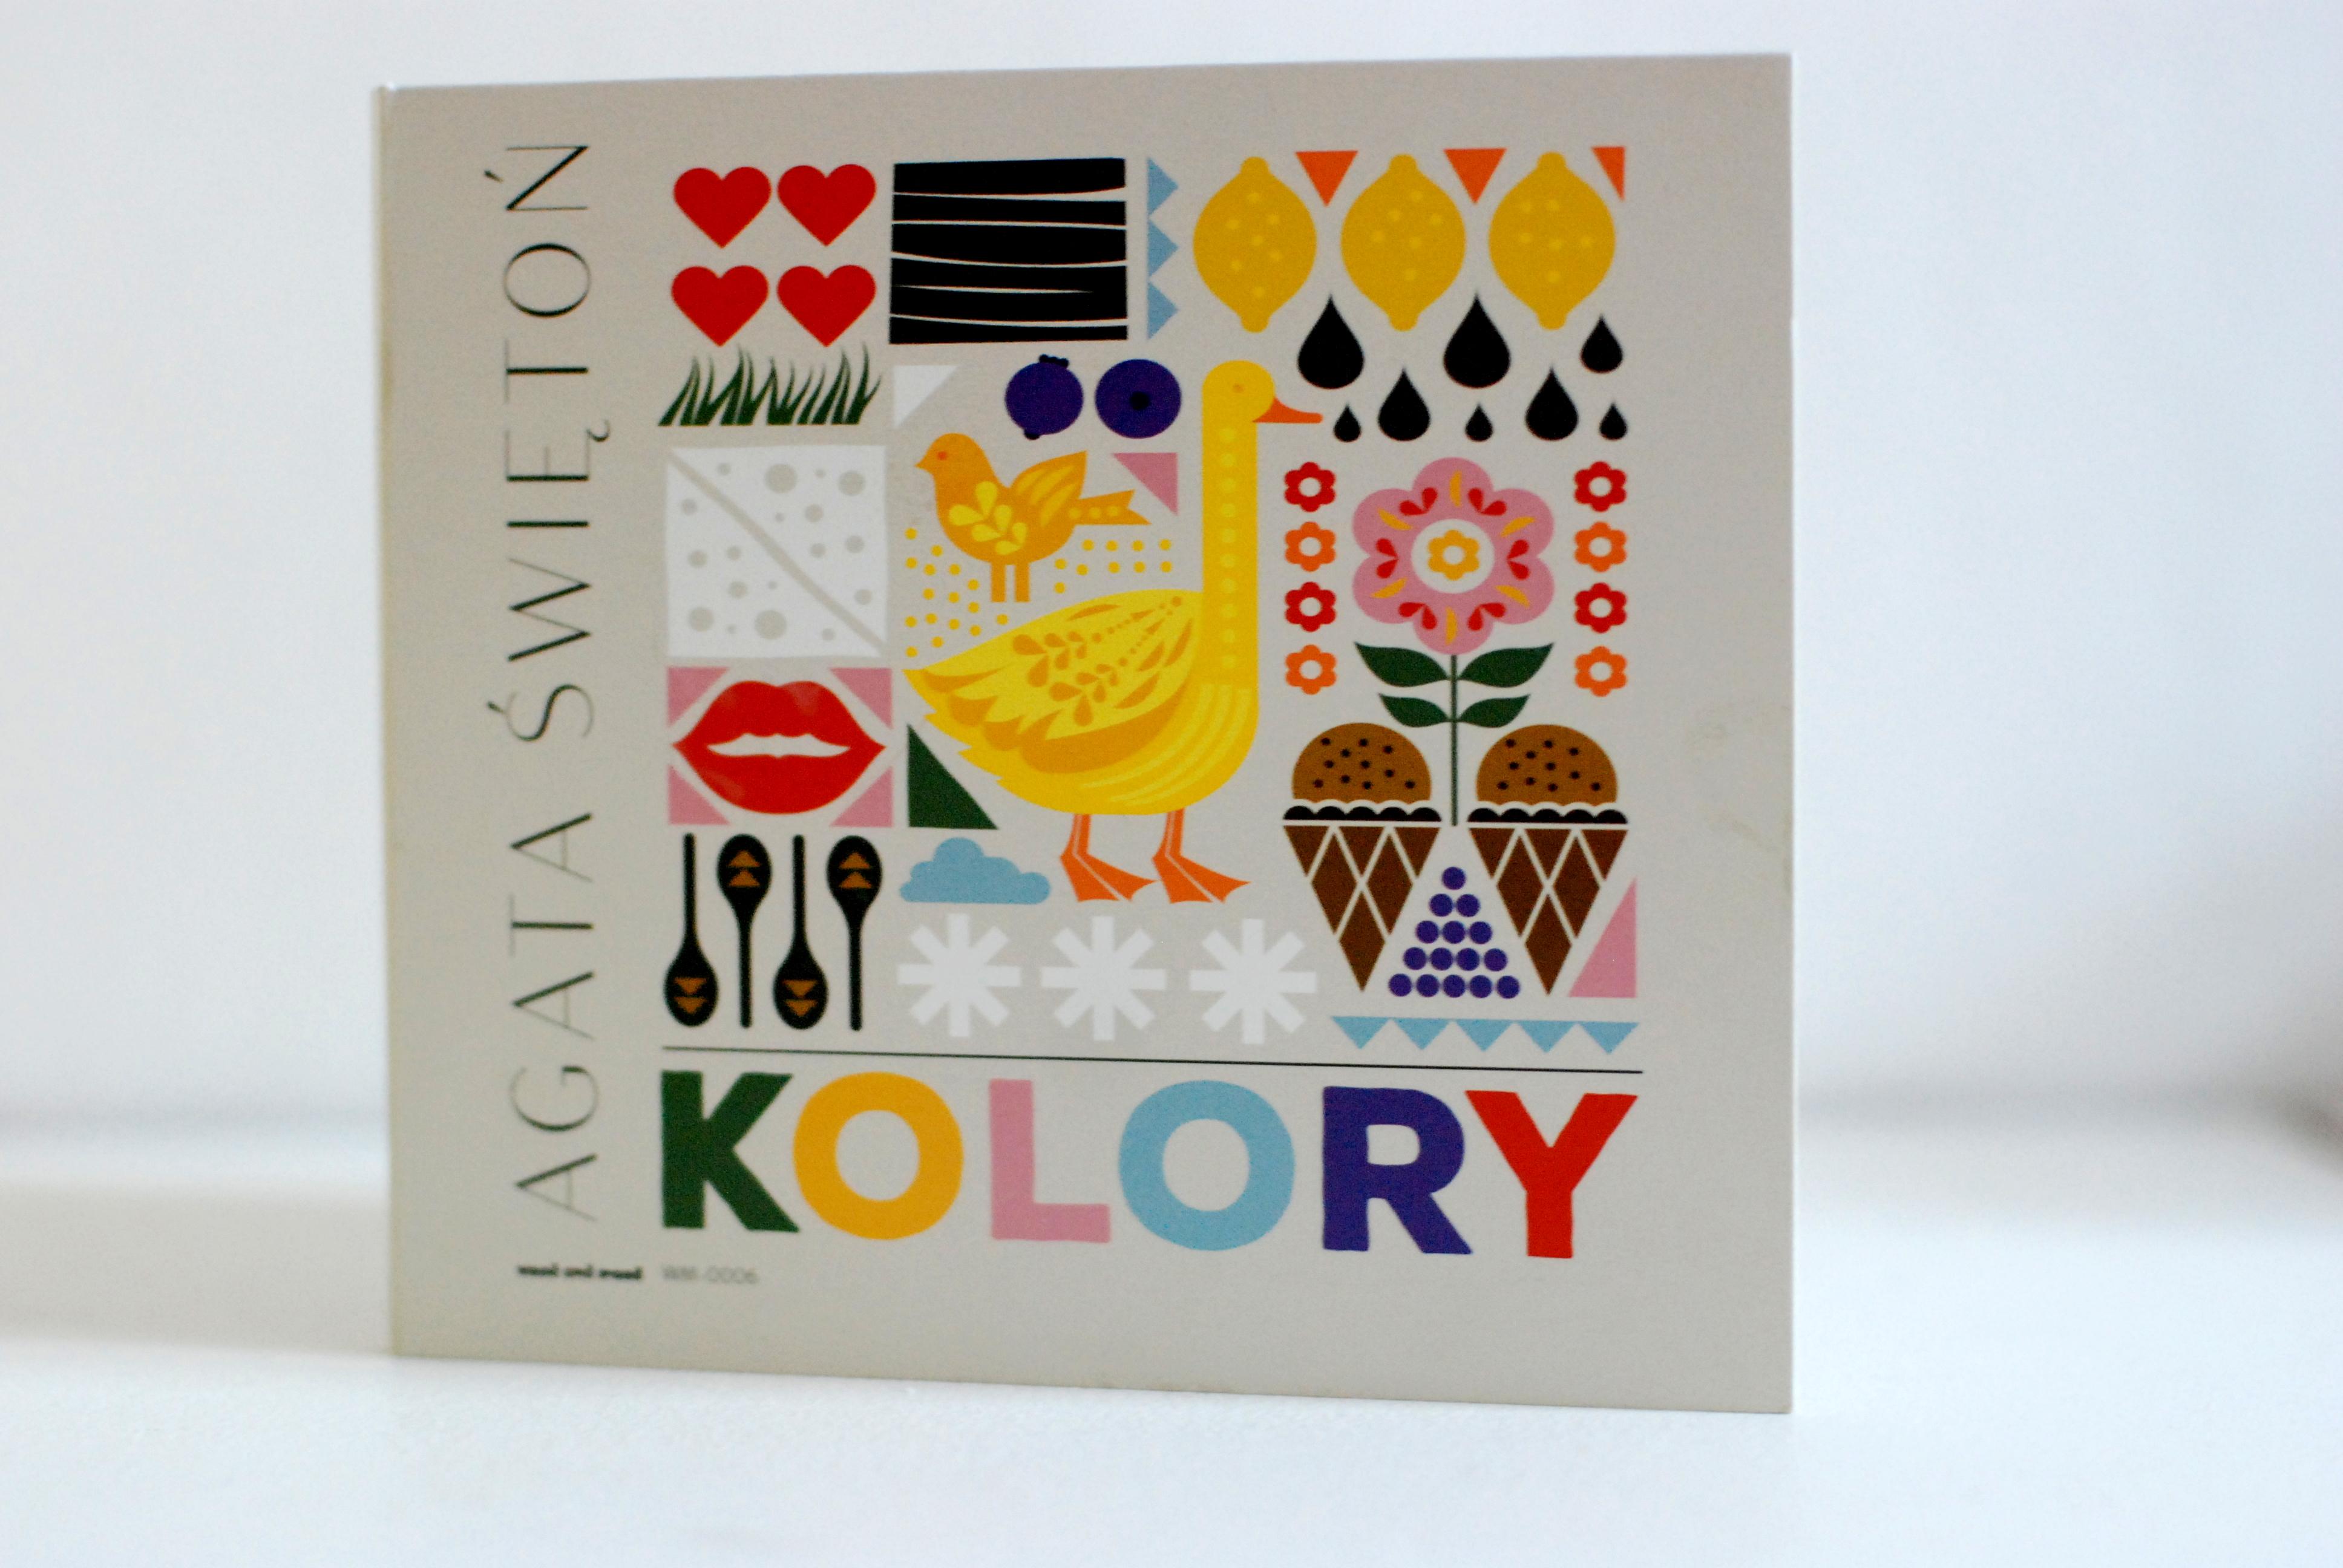 5fb74fdc5d2c28 Kolory – Płyta z barwnymi piosenkami dla dzieci - Juniorowo